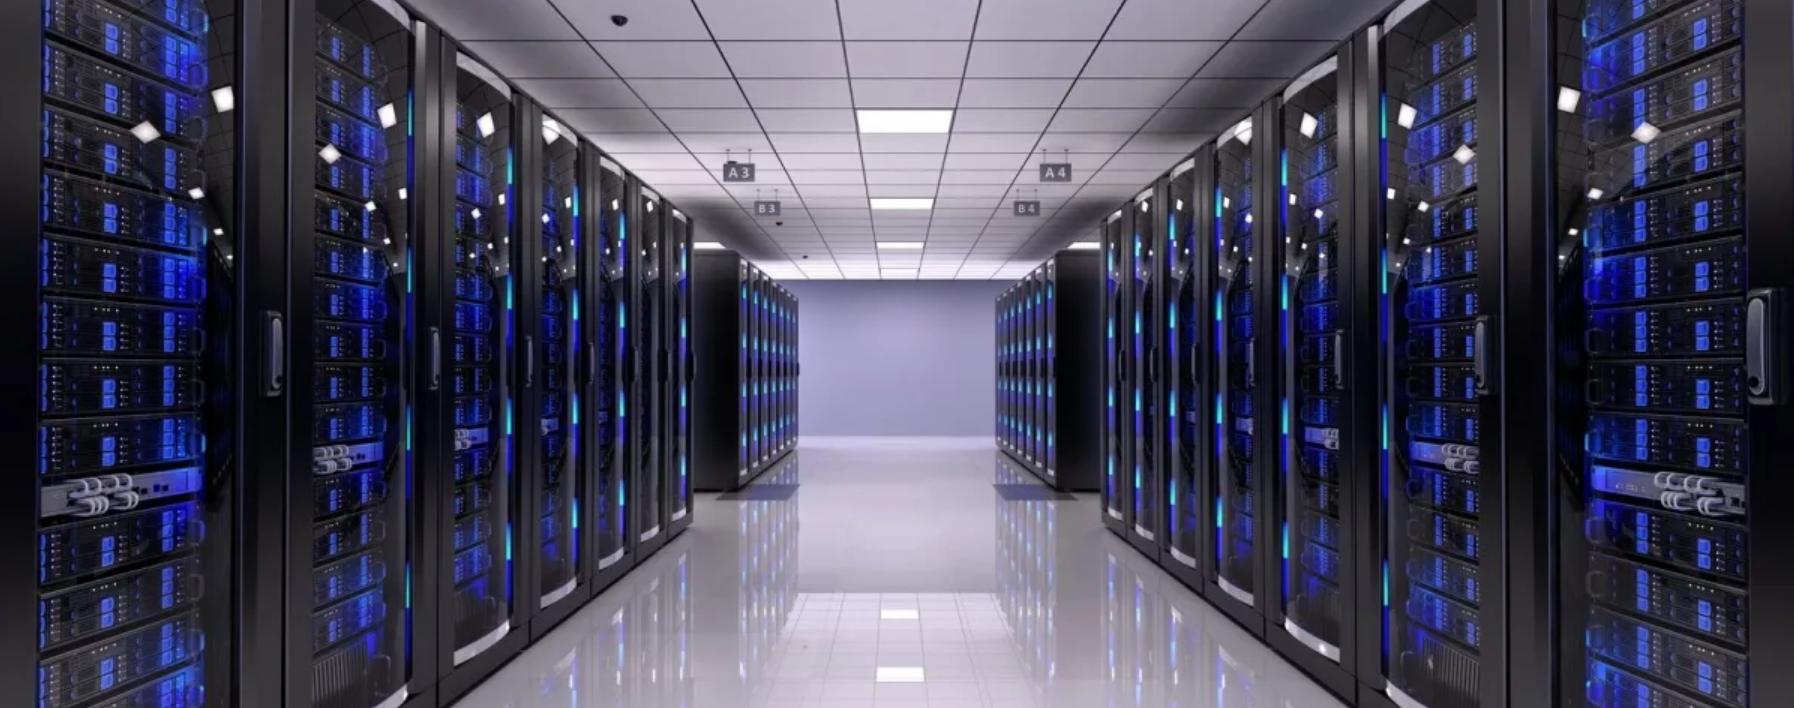 Серверы и компьютеры